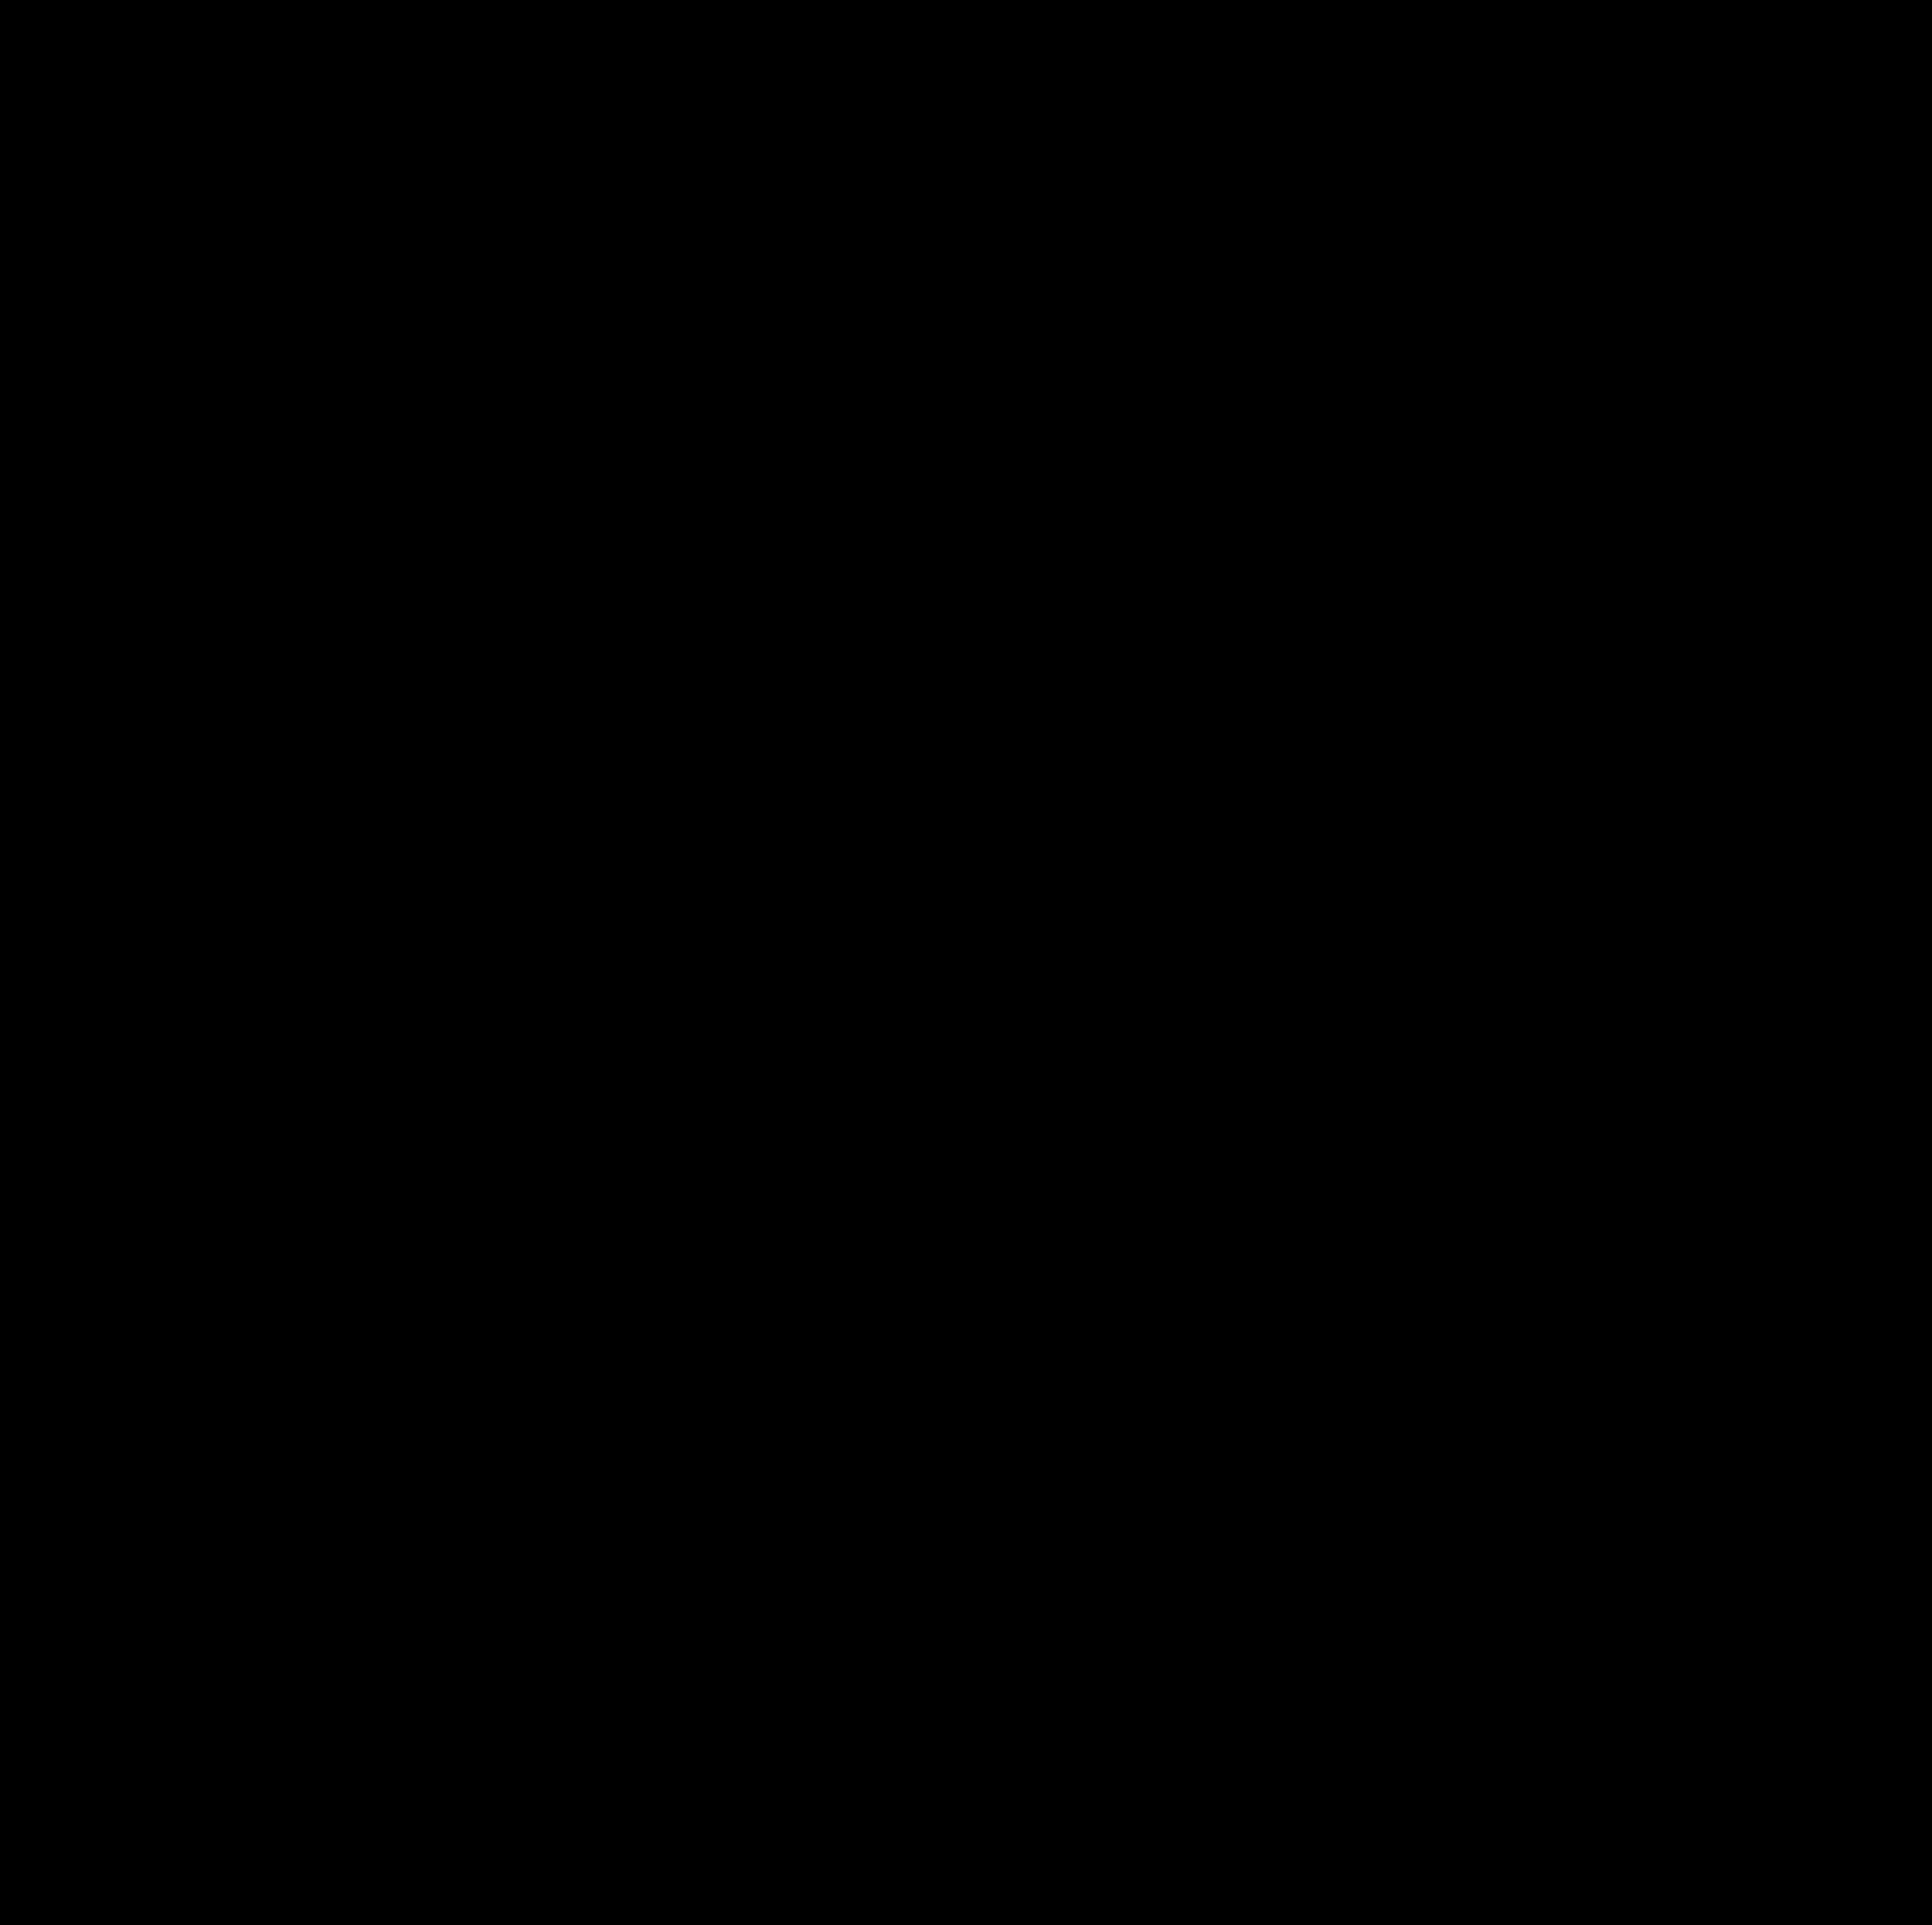 Risultati immagini per logo università federico II napoli